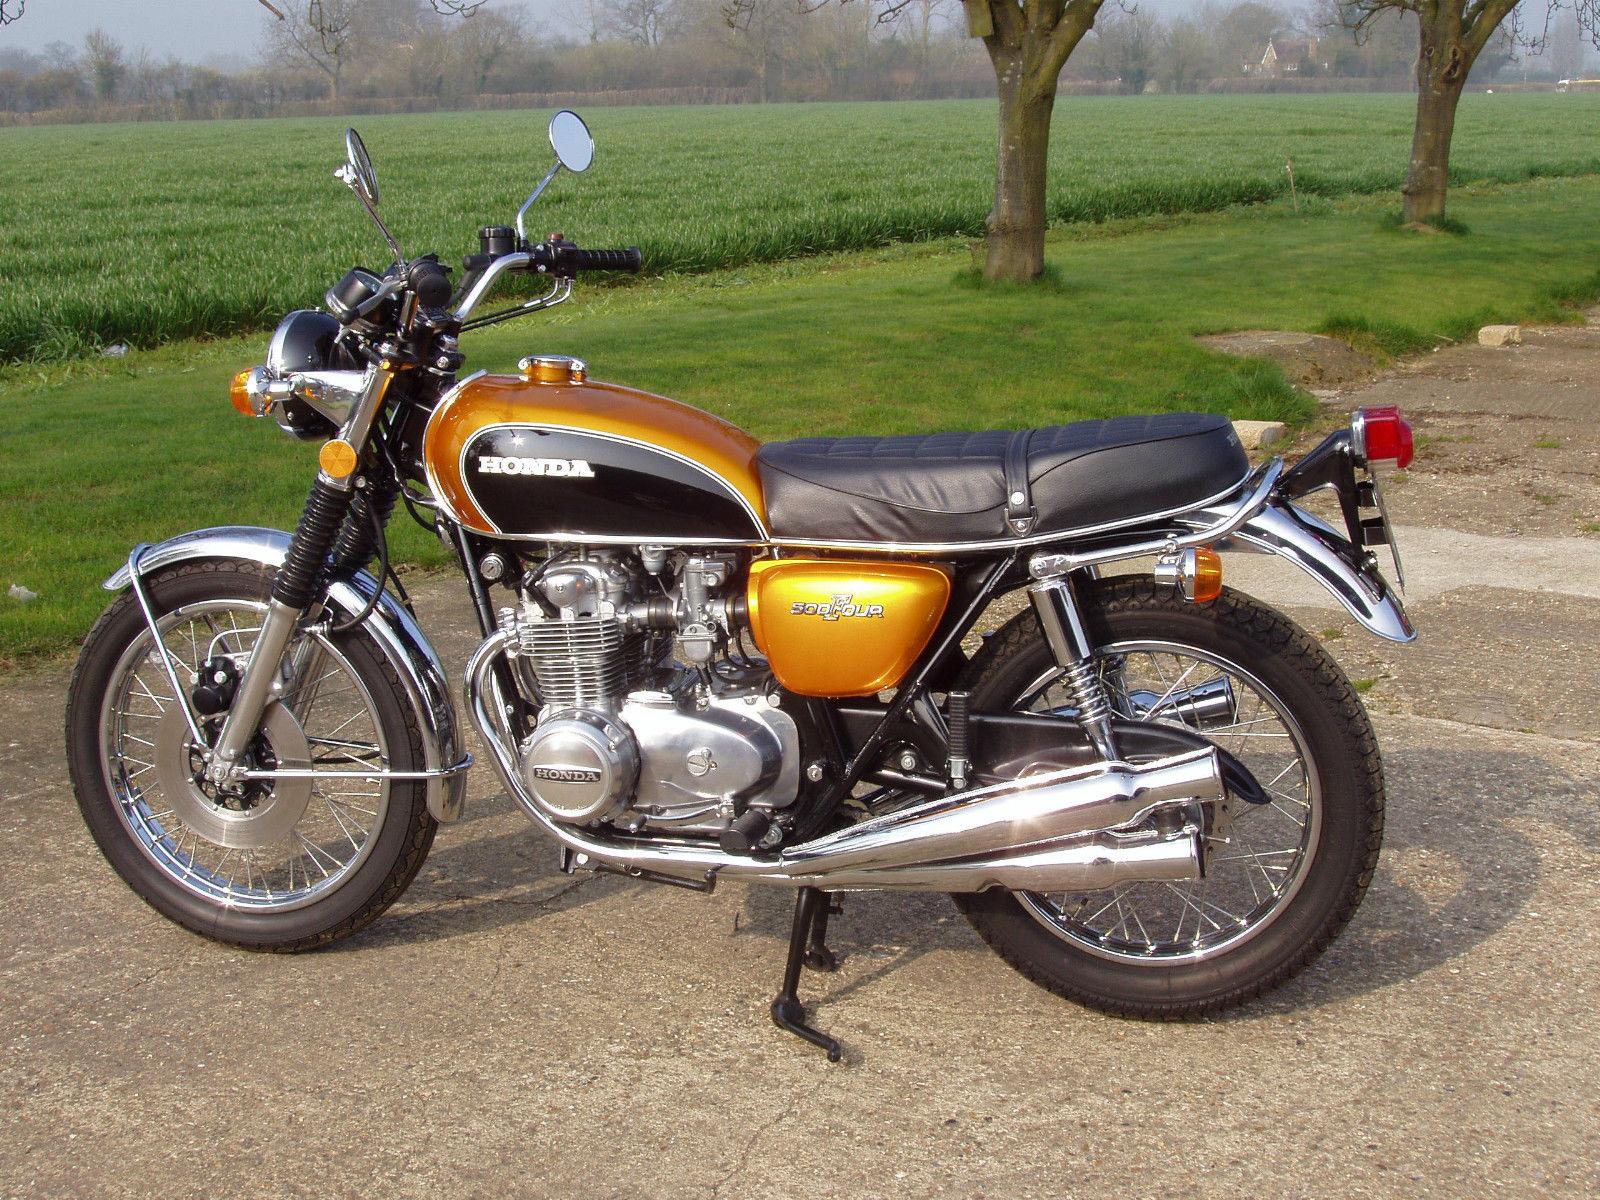 restored honda cb500 four 1971 photographs at classic bikes restored bikes restored. Black Bedroom Furniture Sets. Home Design Ideas